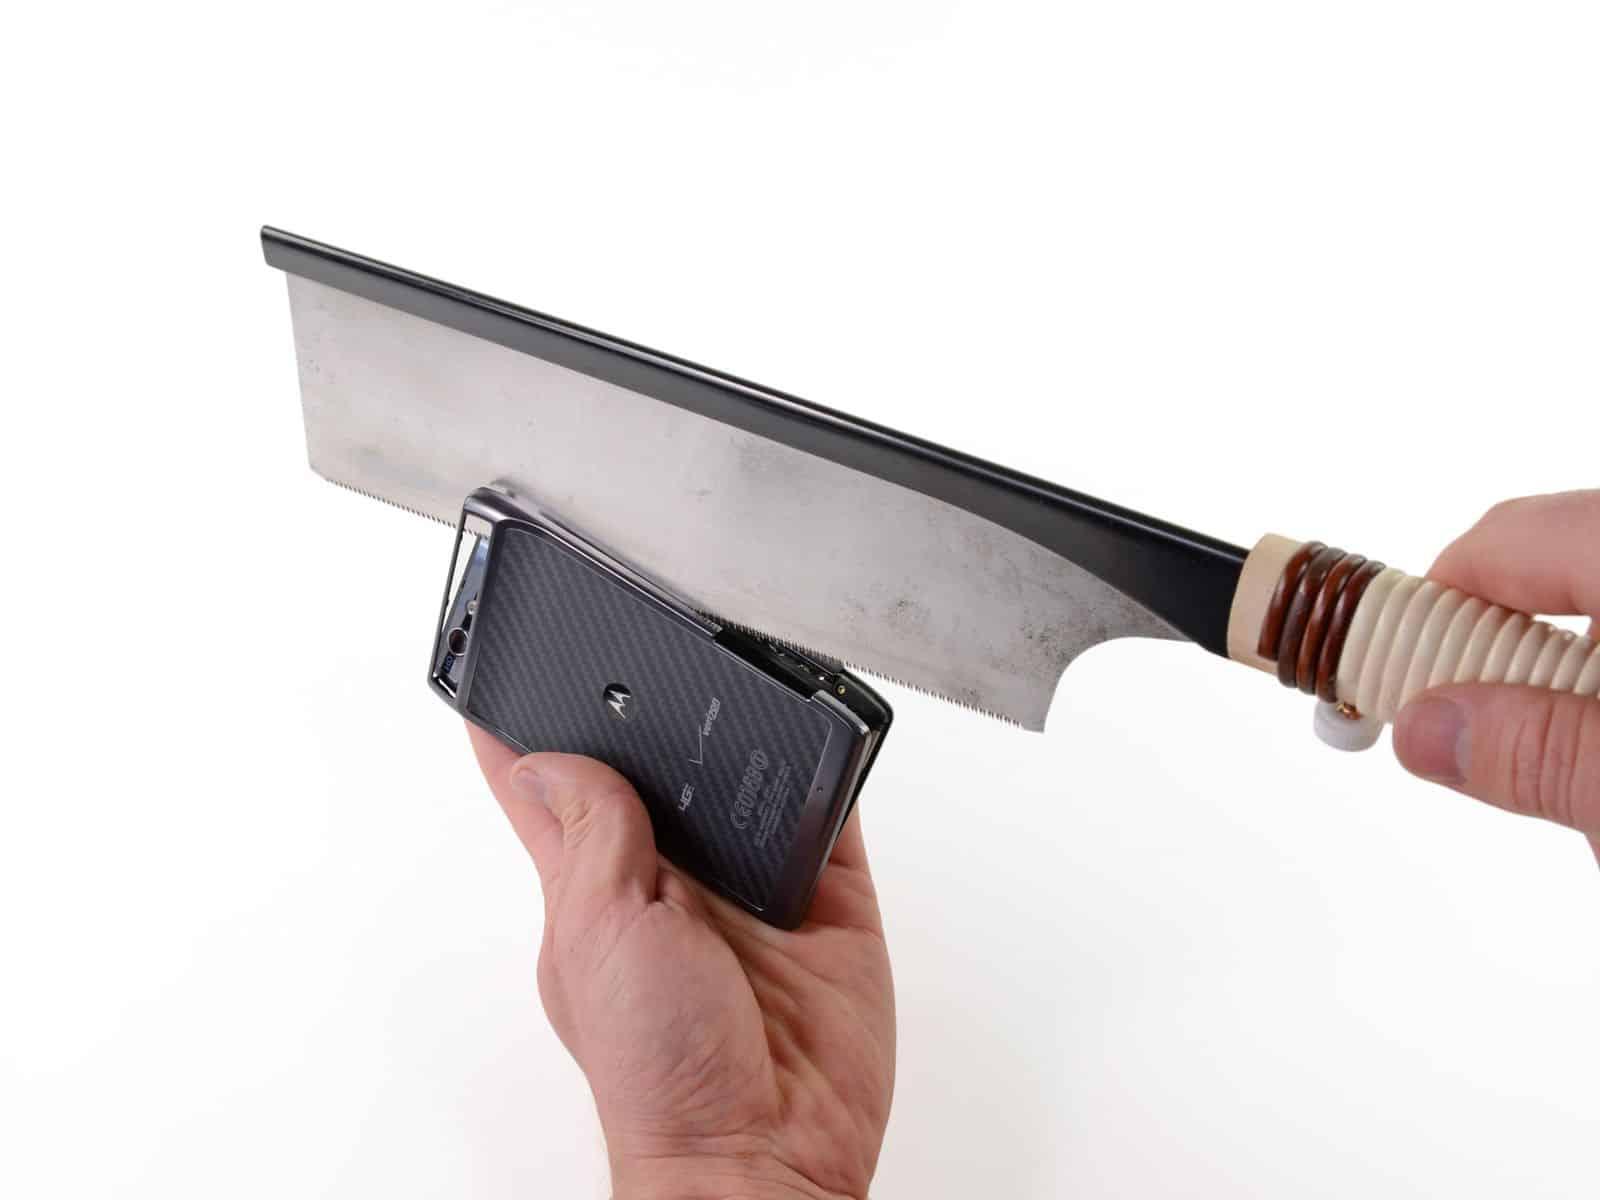 Warum ist das Motorola RAZR so dünn? Ein Blick ins Innere ...